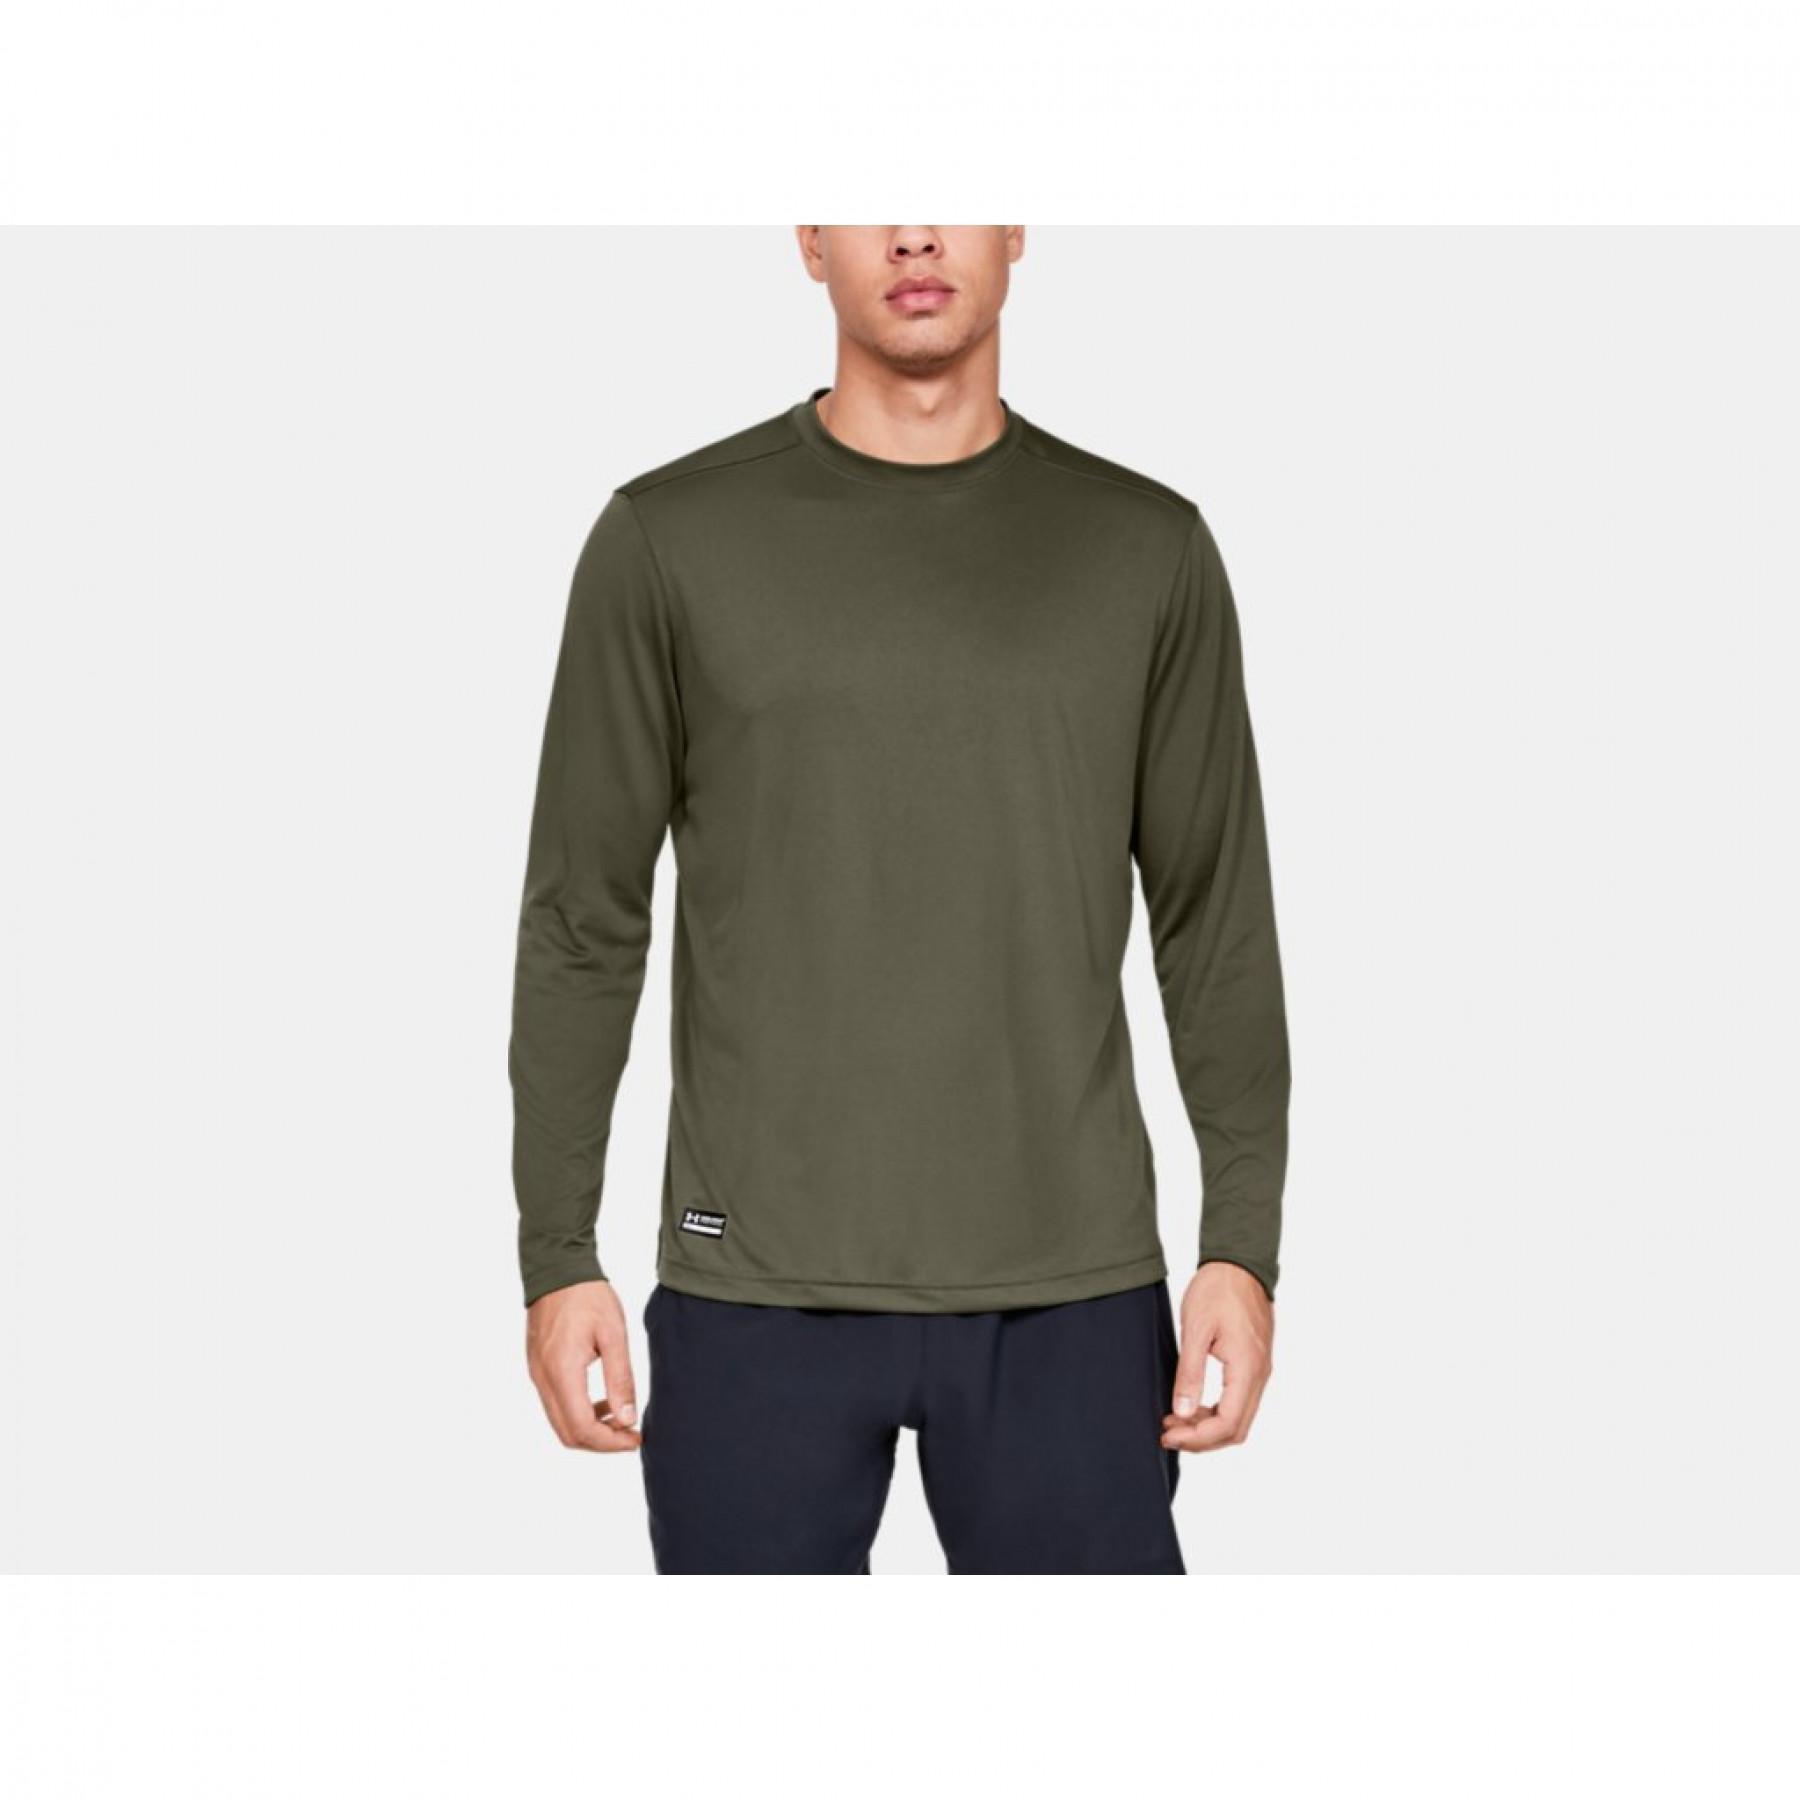 T-shirt long sleeve Under Armour Tactical Tech ™